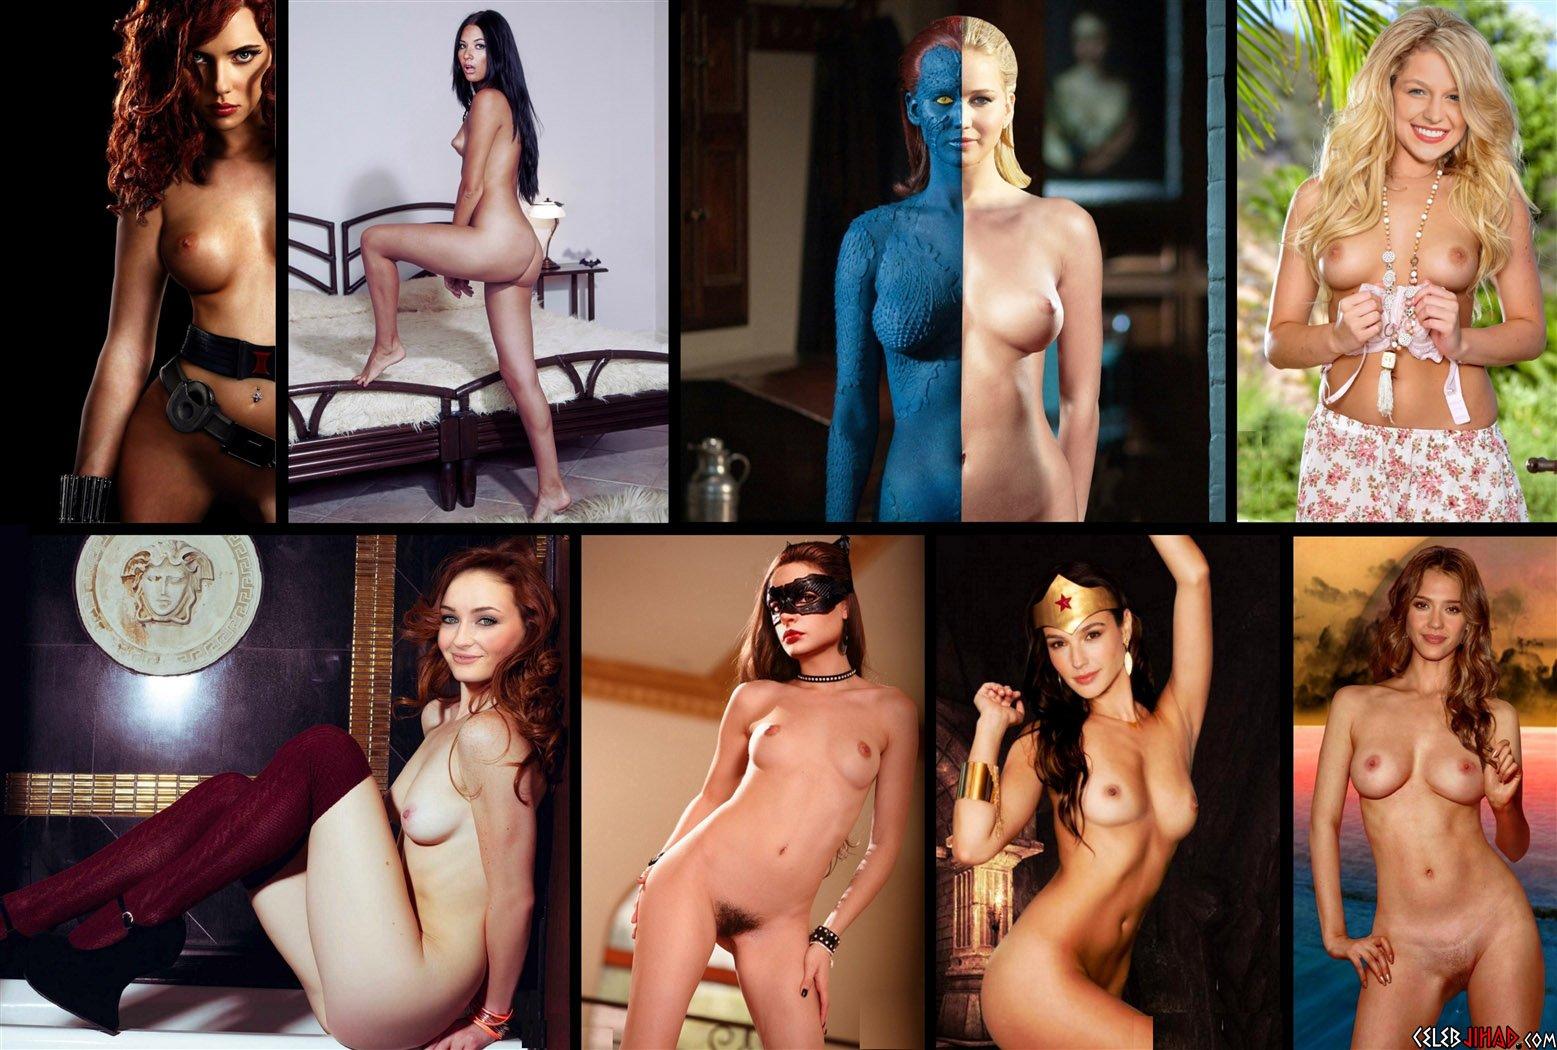 Super heros nude pics hentai scenes